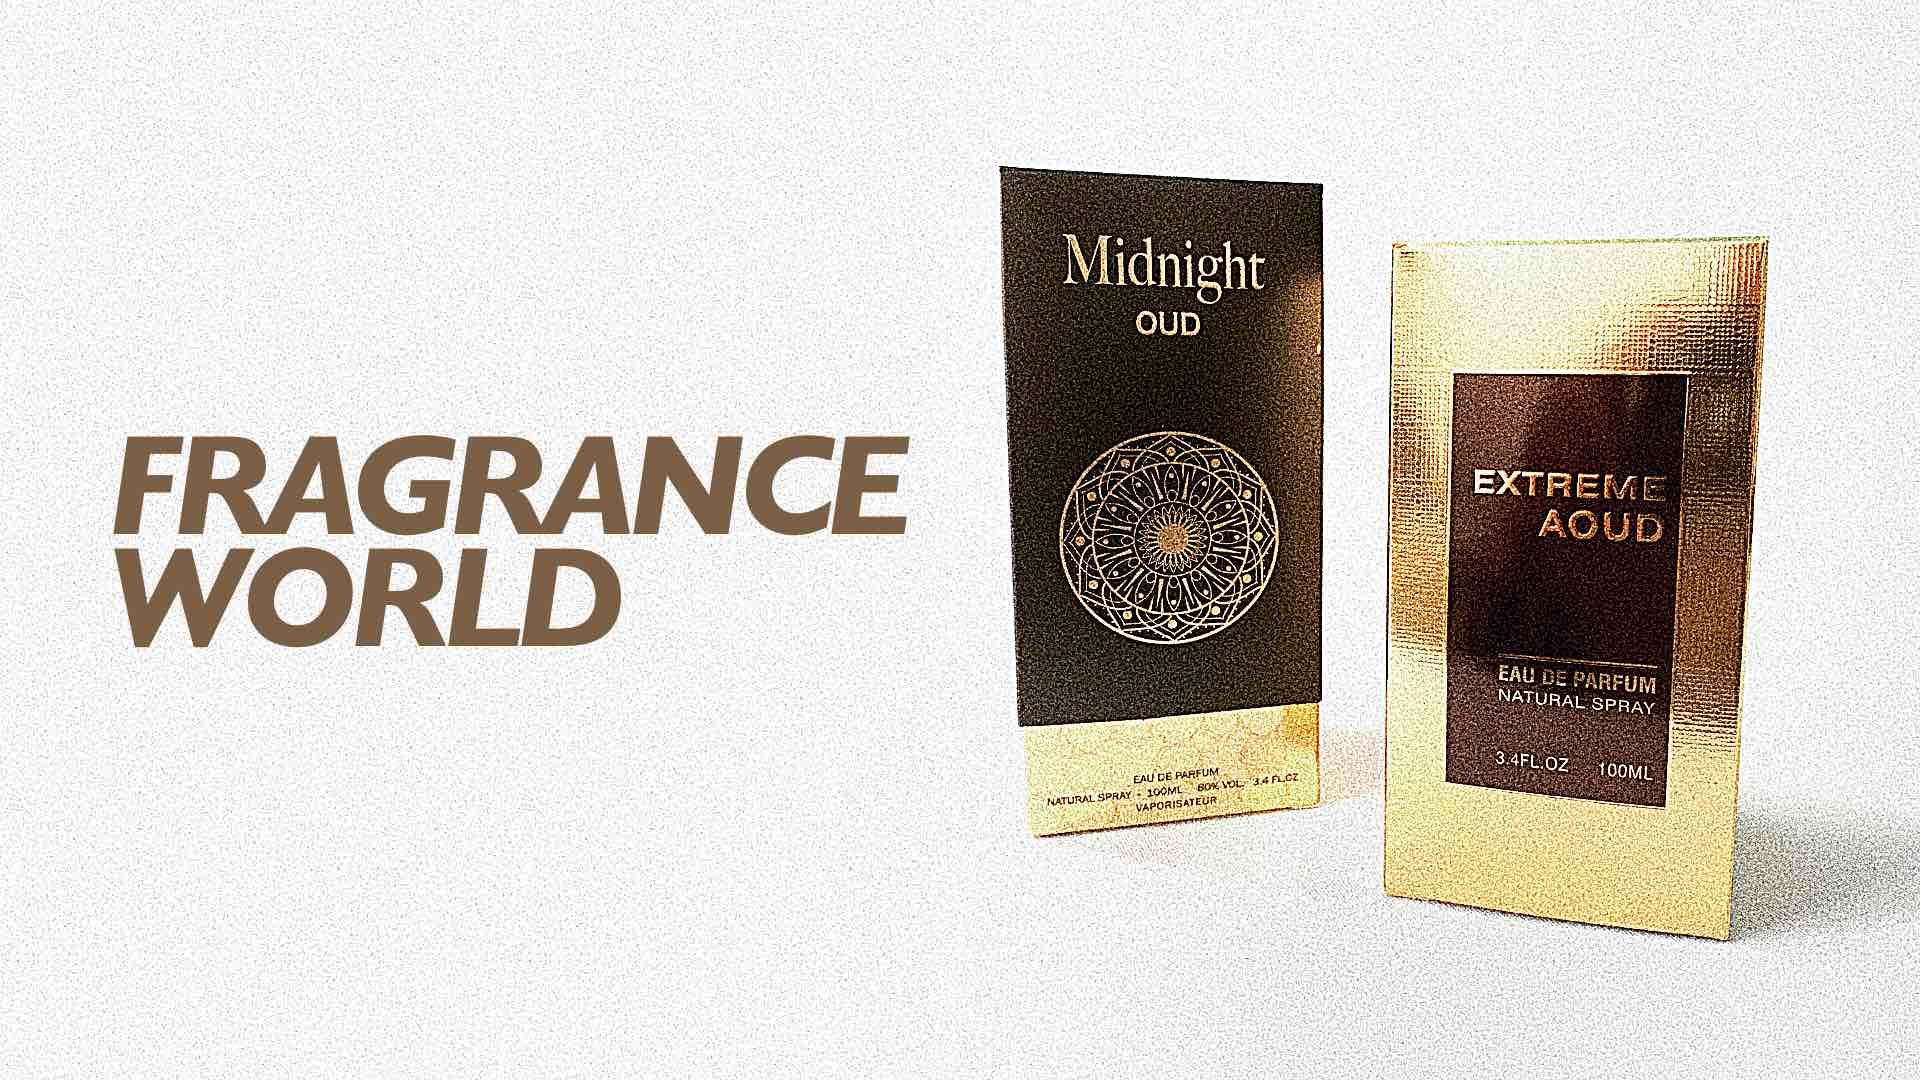 fragrance world - DOT Made